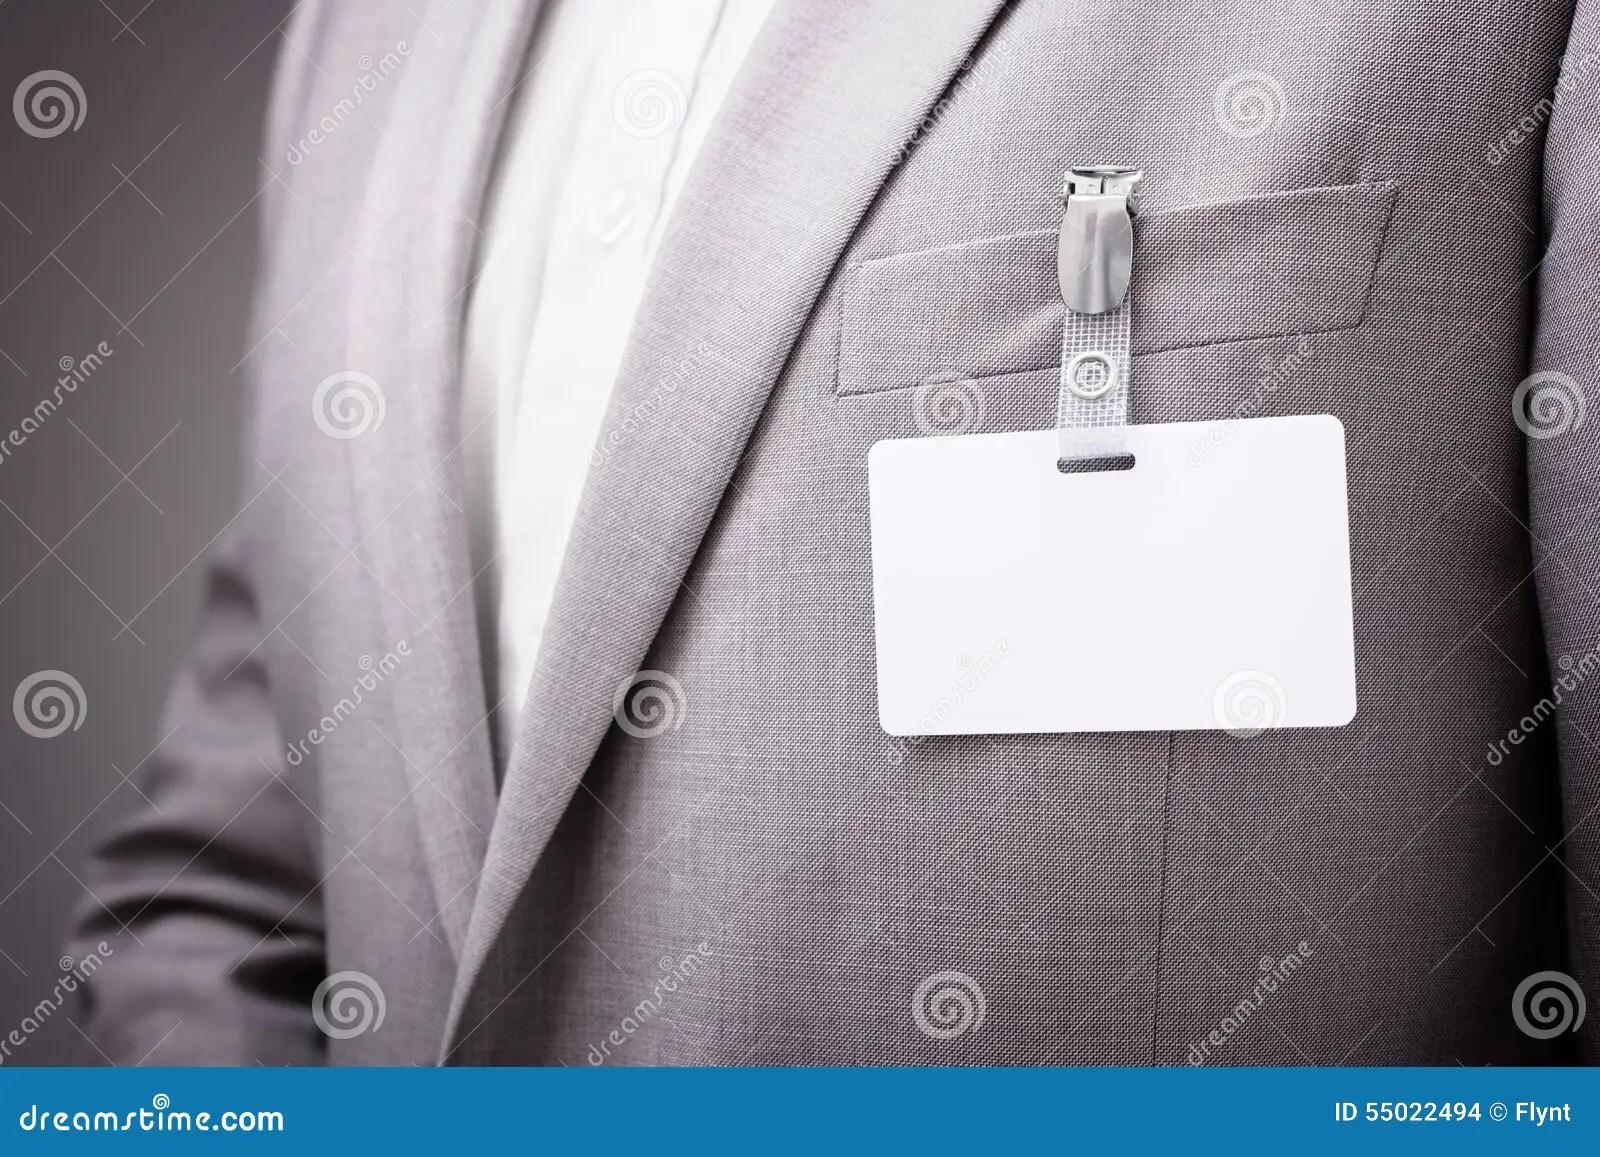 Event Security Recruitment